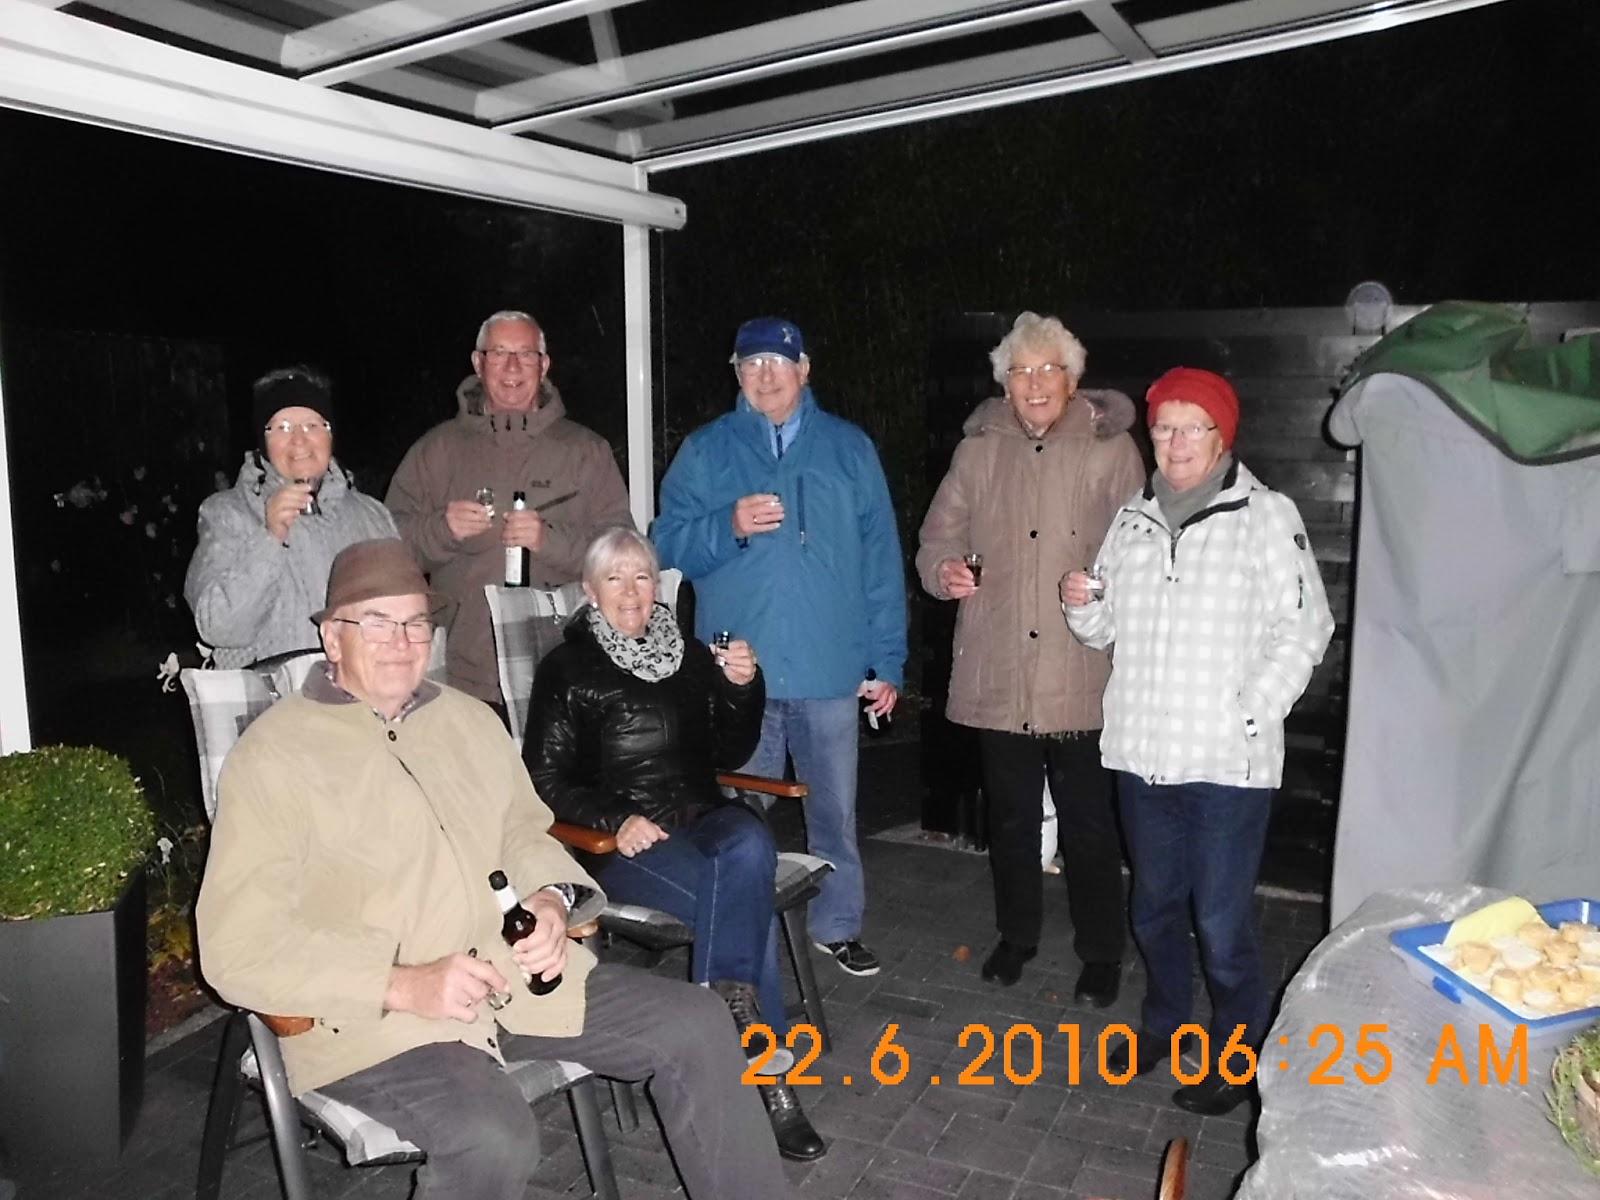 Shanty Chor Kellenhusenostsee Eike Und Klaus Hatten Am 25